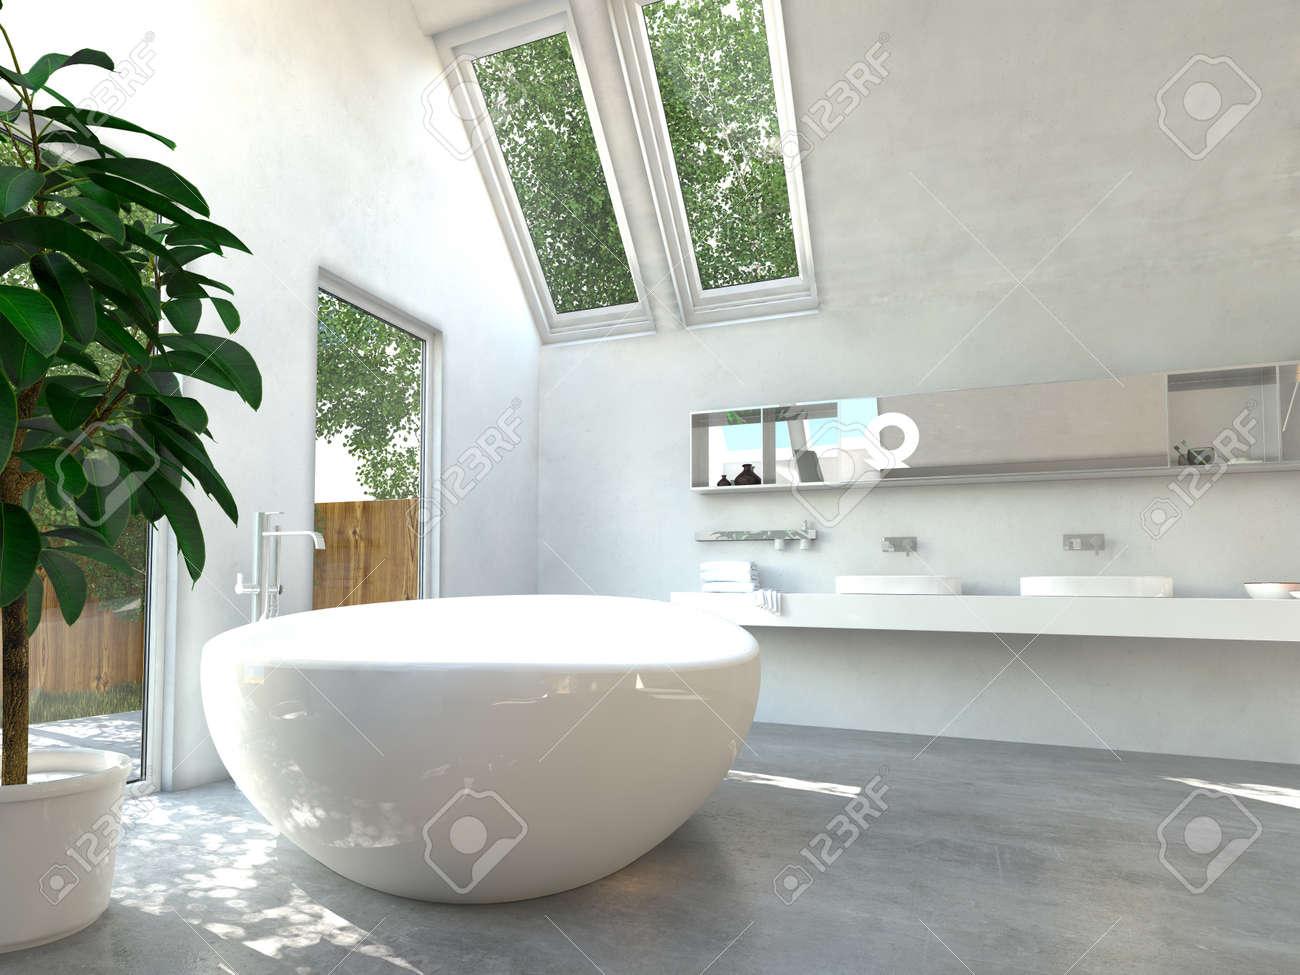 Vasca Da Bagno Vista : Moderno bagno interno con un bianco freestanding vasca da bagno